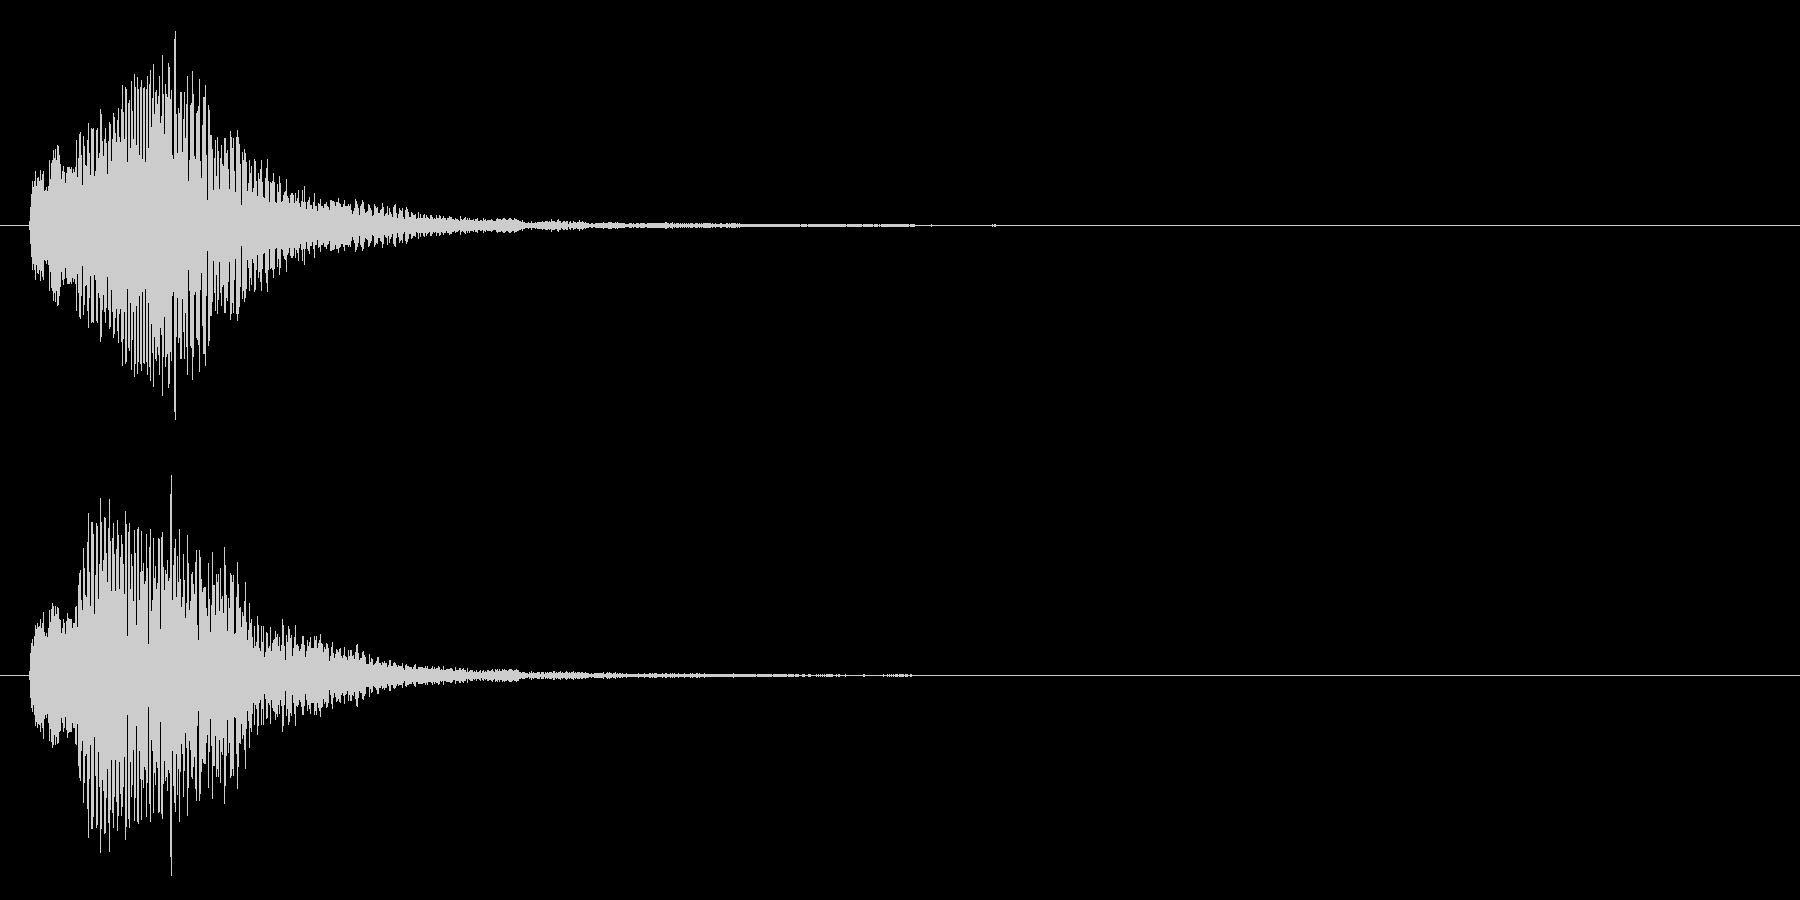 決定音/上昇系/柔らかいの未再生の波形